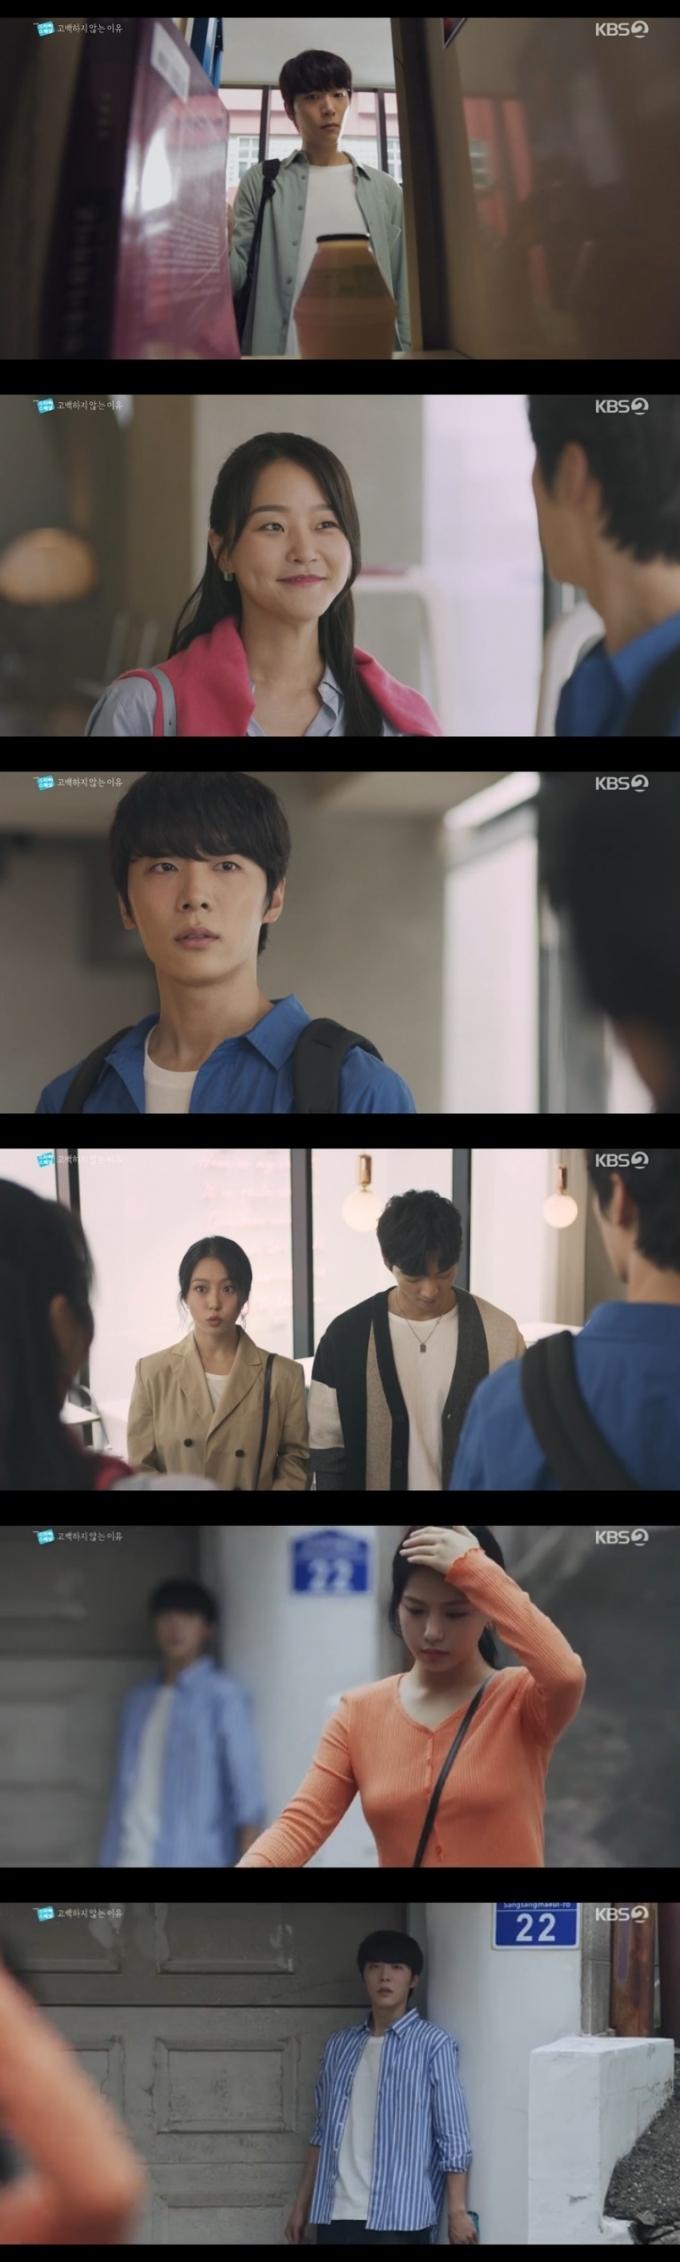 KBS 2TV '고백하지 않는 이유' 캡처 © 뉴스1